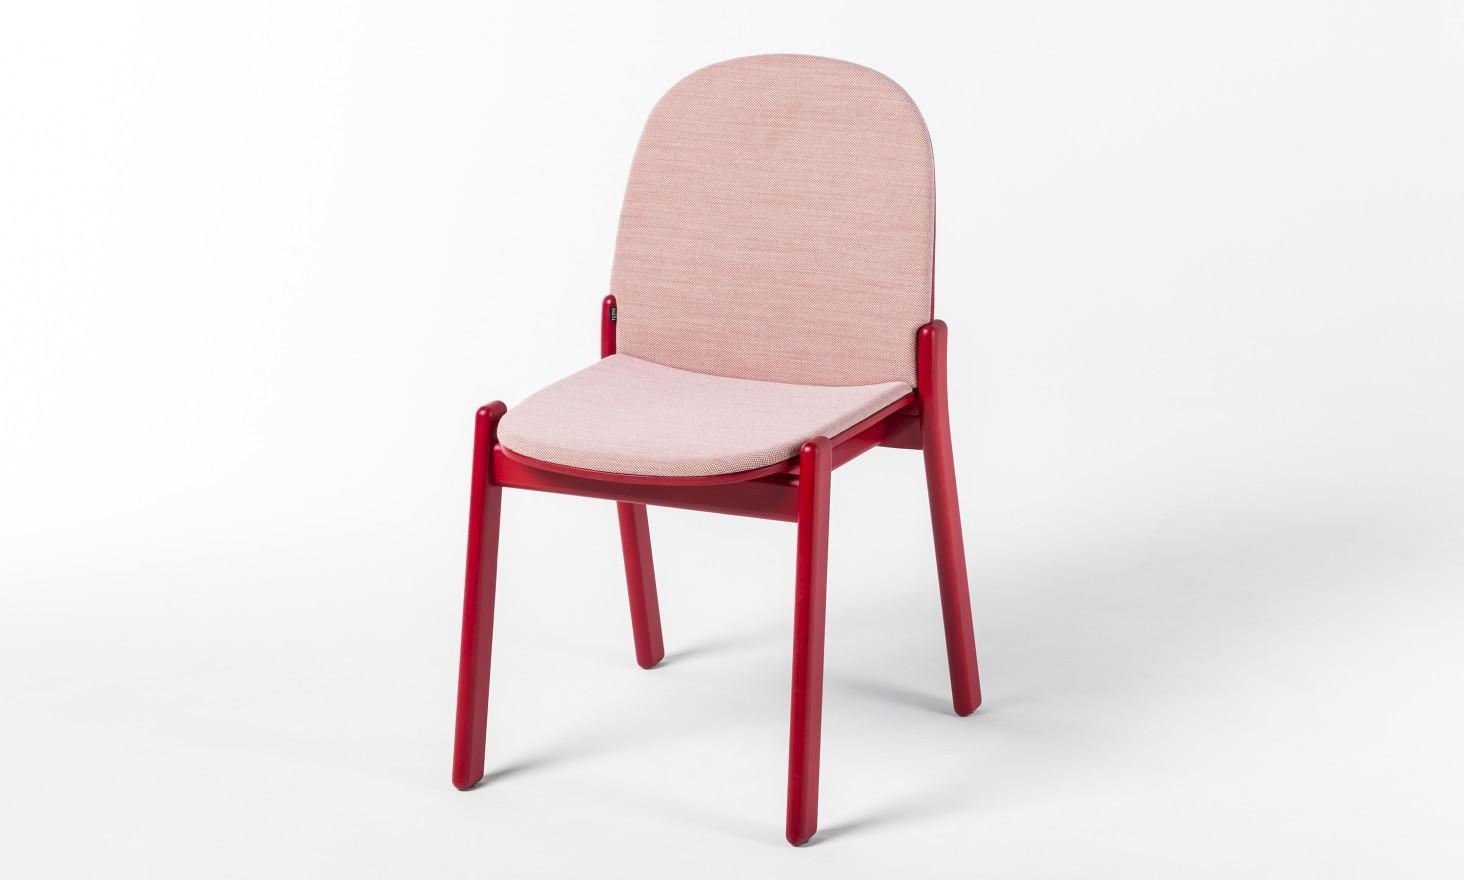 NORDIC_packshot_chair_upholstered 2